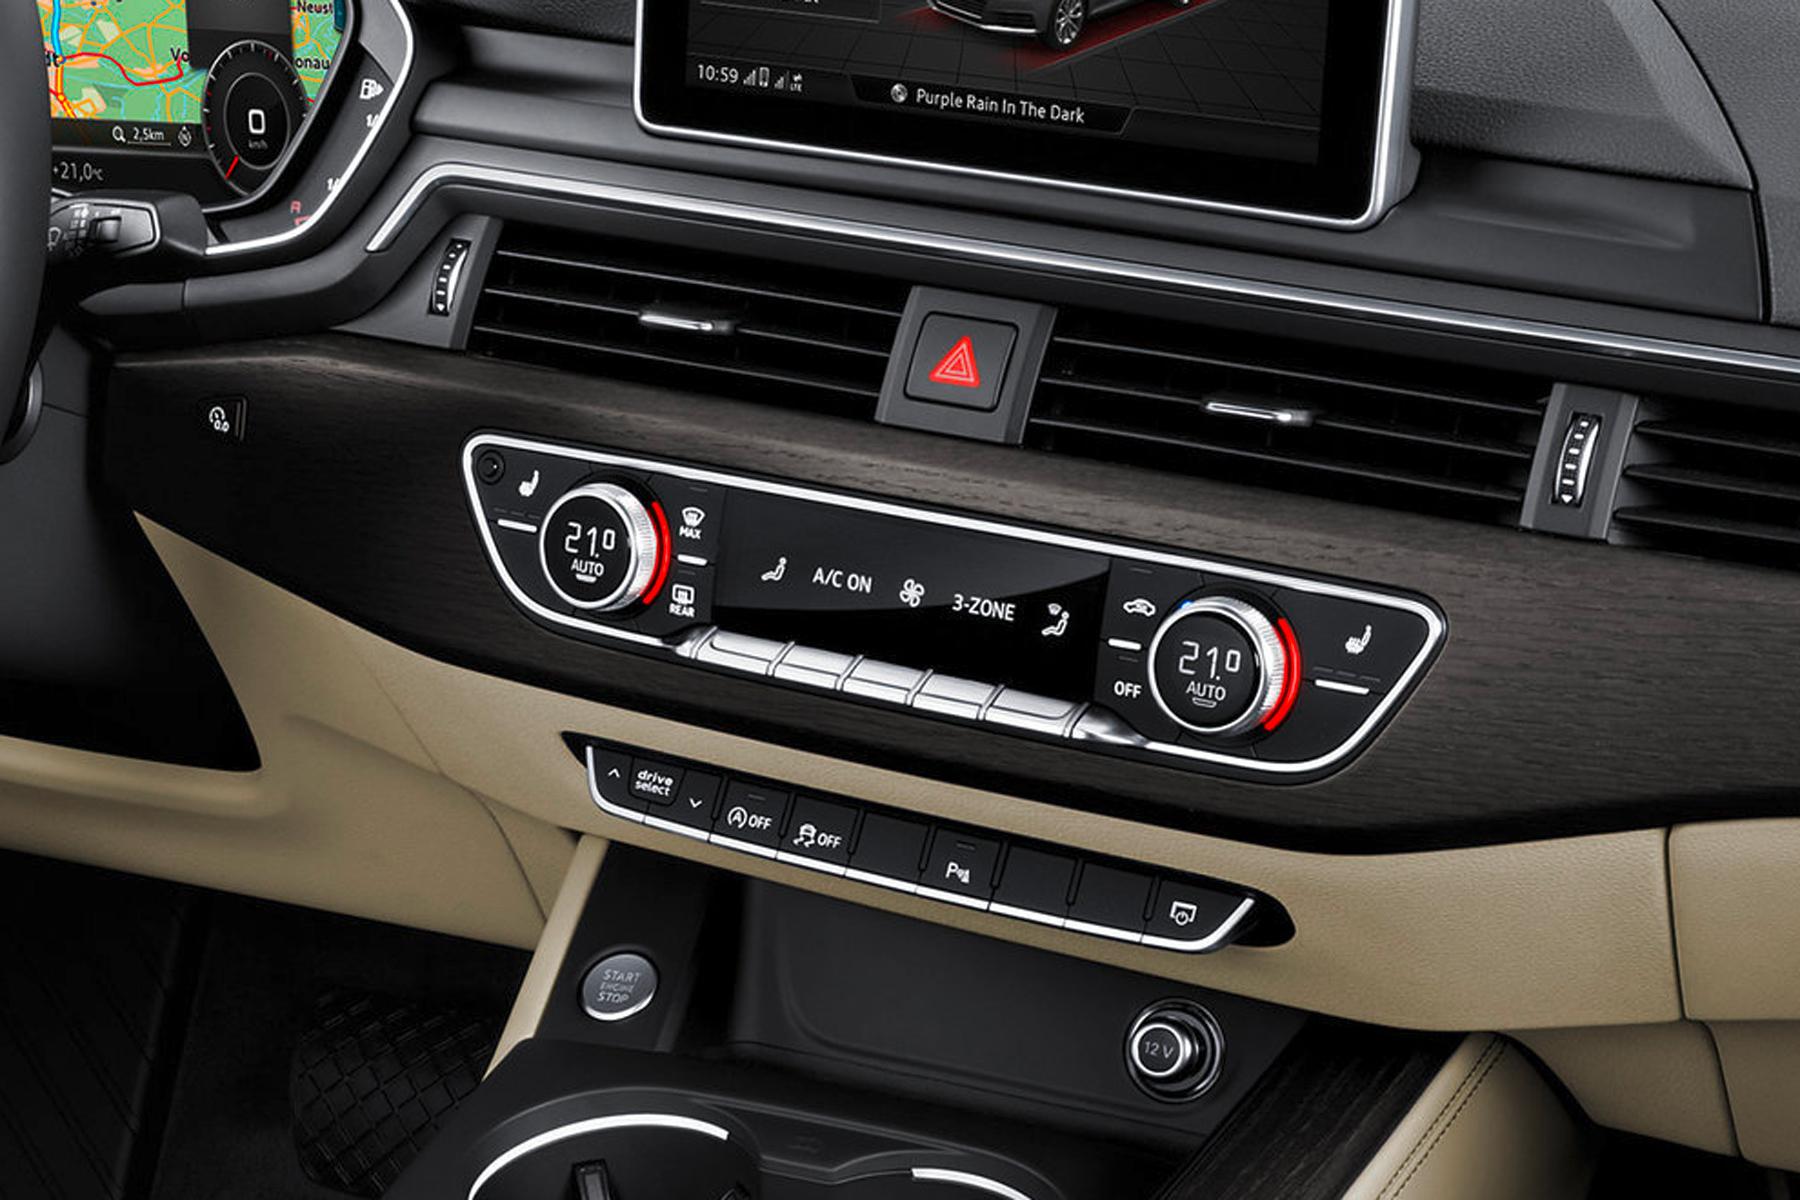 O sensor à esquerda (no alto) do display do ar-condicionado do Audi A4 confere se o start-stop deve desligar o motor naquele momento ou não